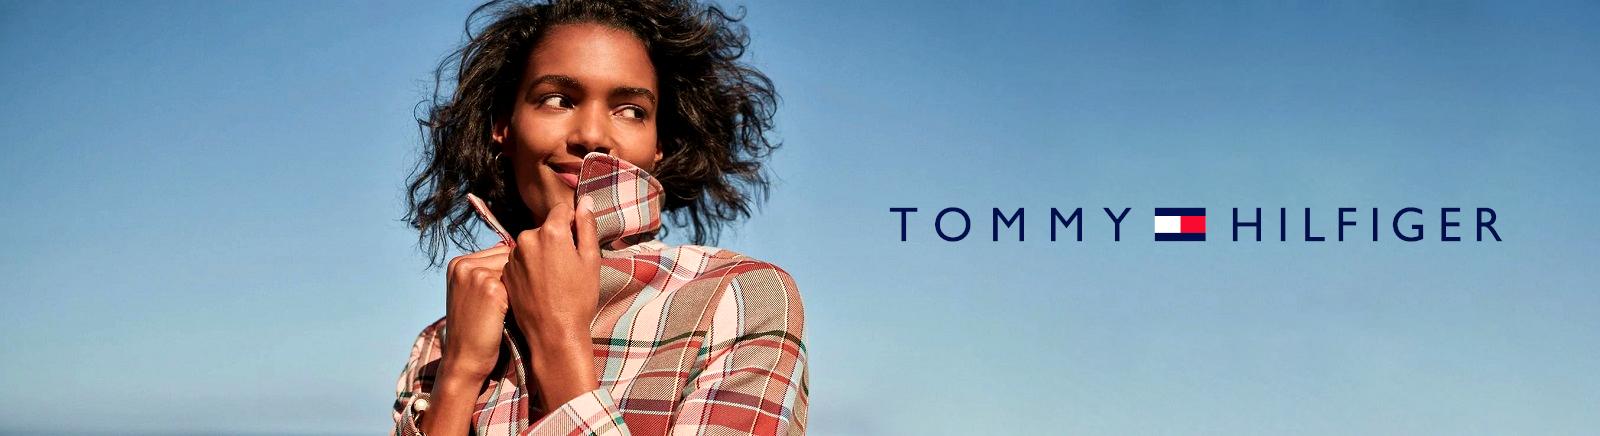 Juppen: Tommy Hilfiger Damenschuhe online shoppen